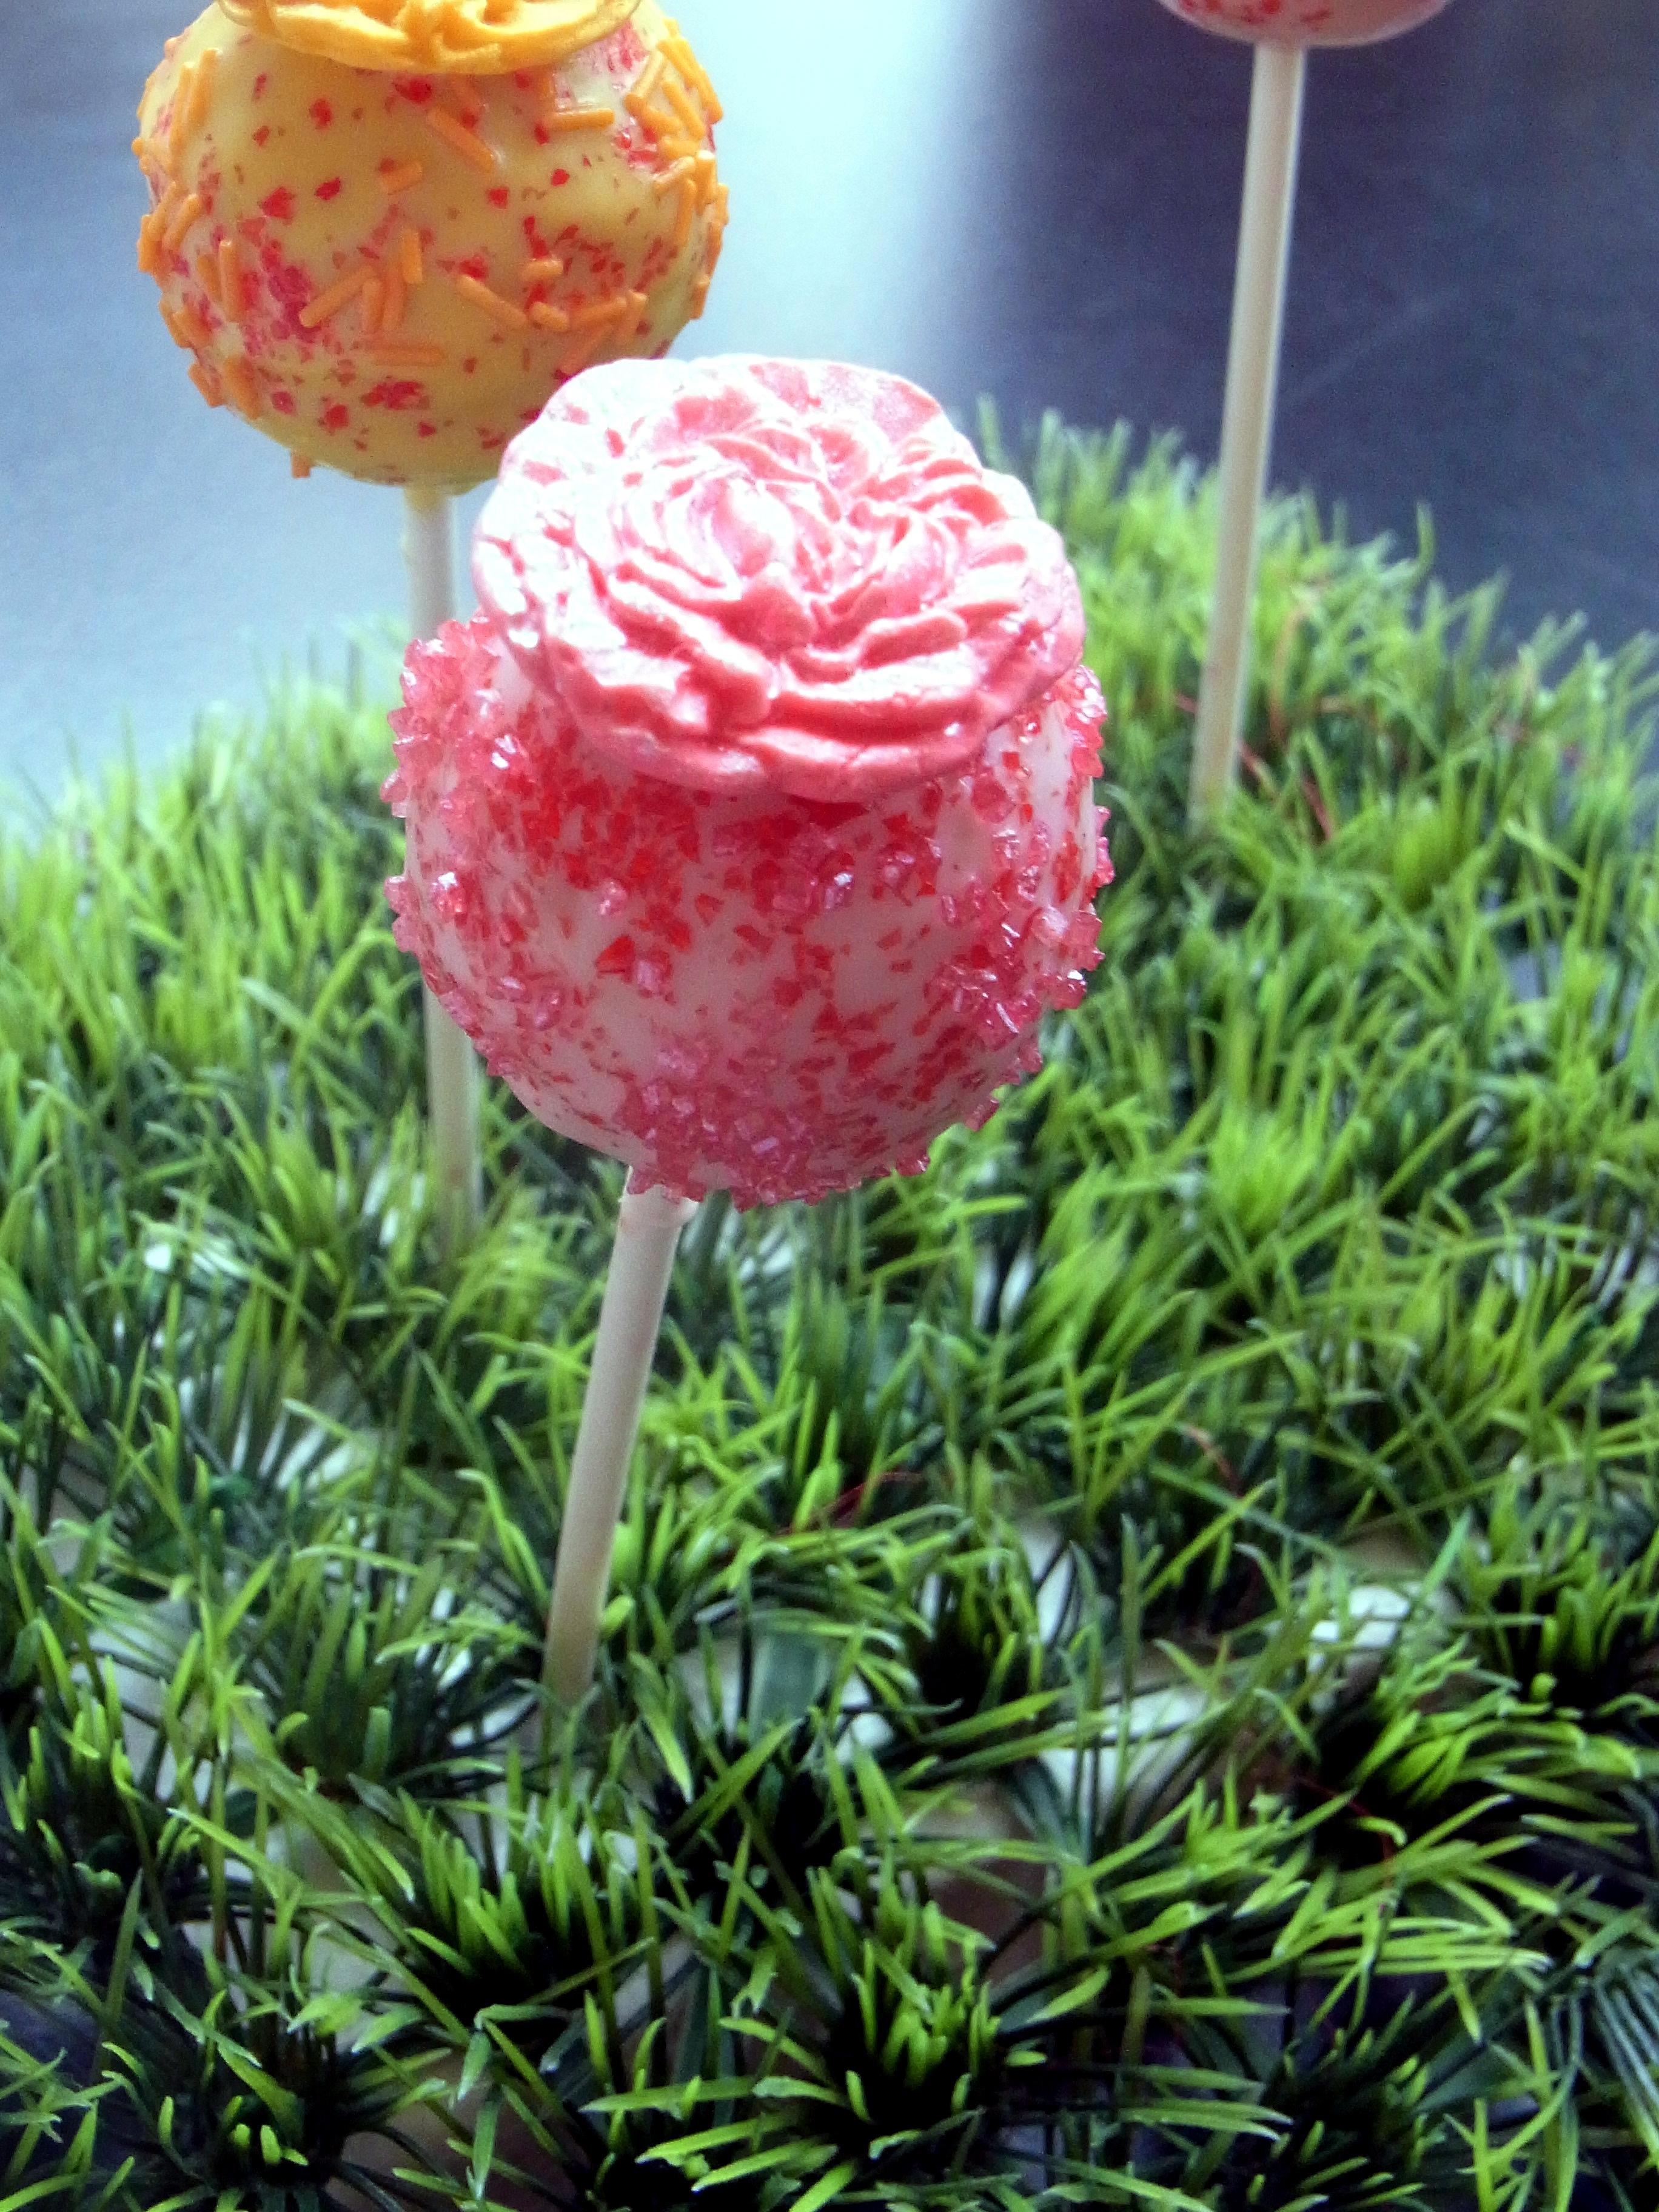 Rosen Cake Pop für festliche Anlässe, 2,30 €